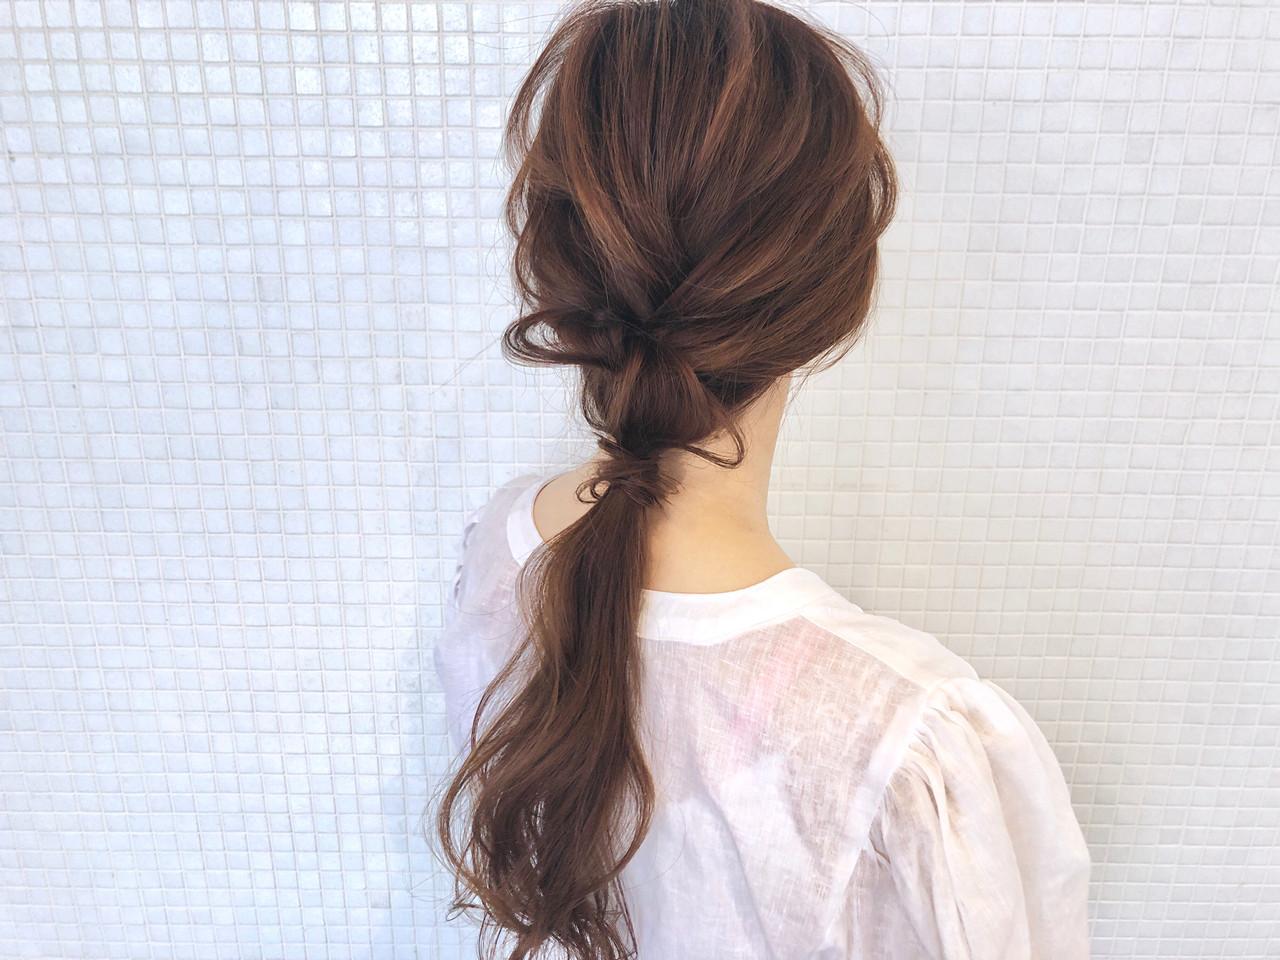 ポニーテール 簡単ヘアアレンジ ヘアアレンジ ロング ヘアスタイルや髪型の写真・画像 | takashi cawamura / HAIR & MAKE•UP TAXI